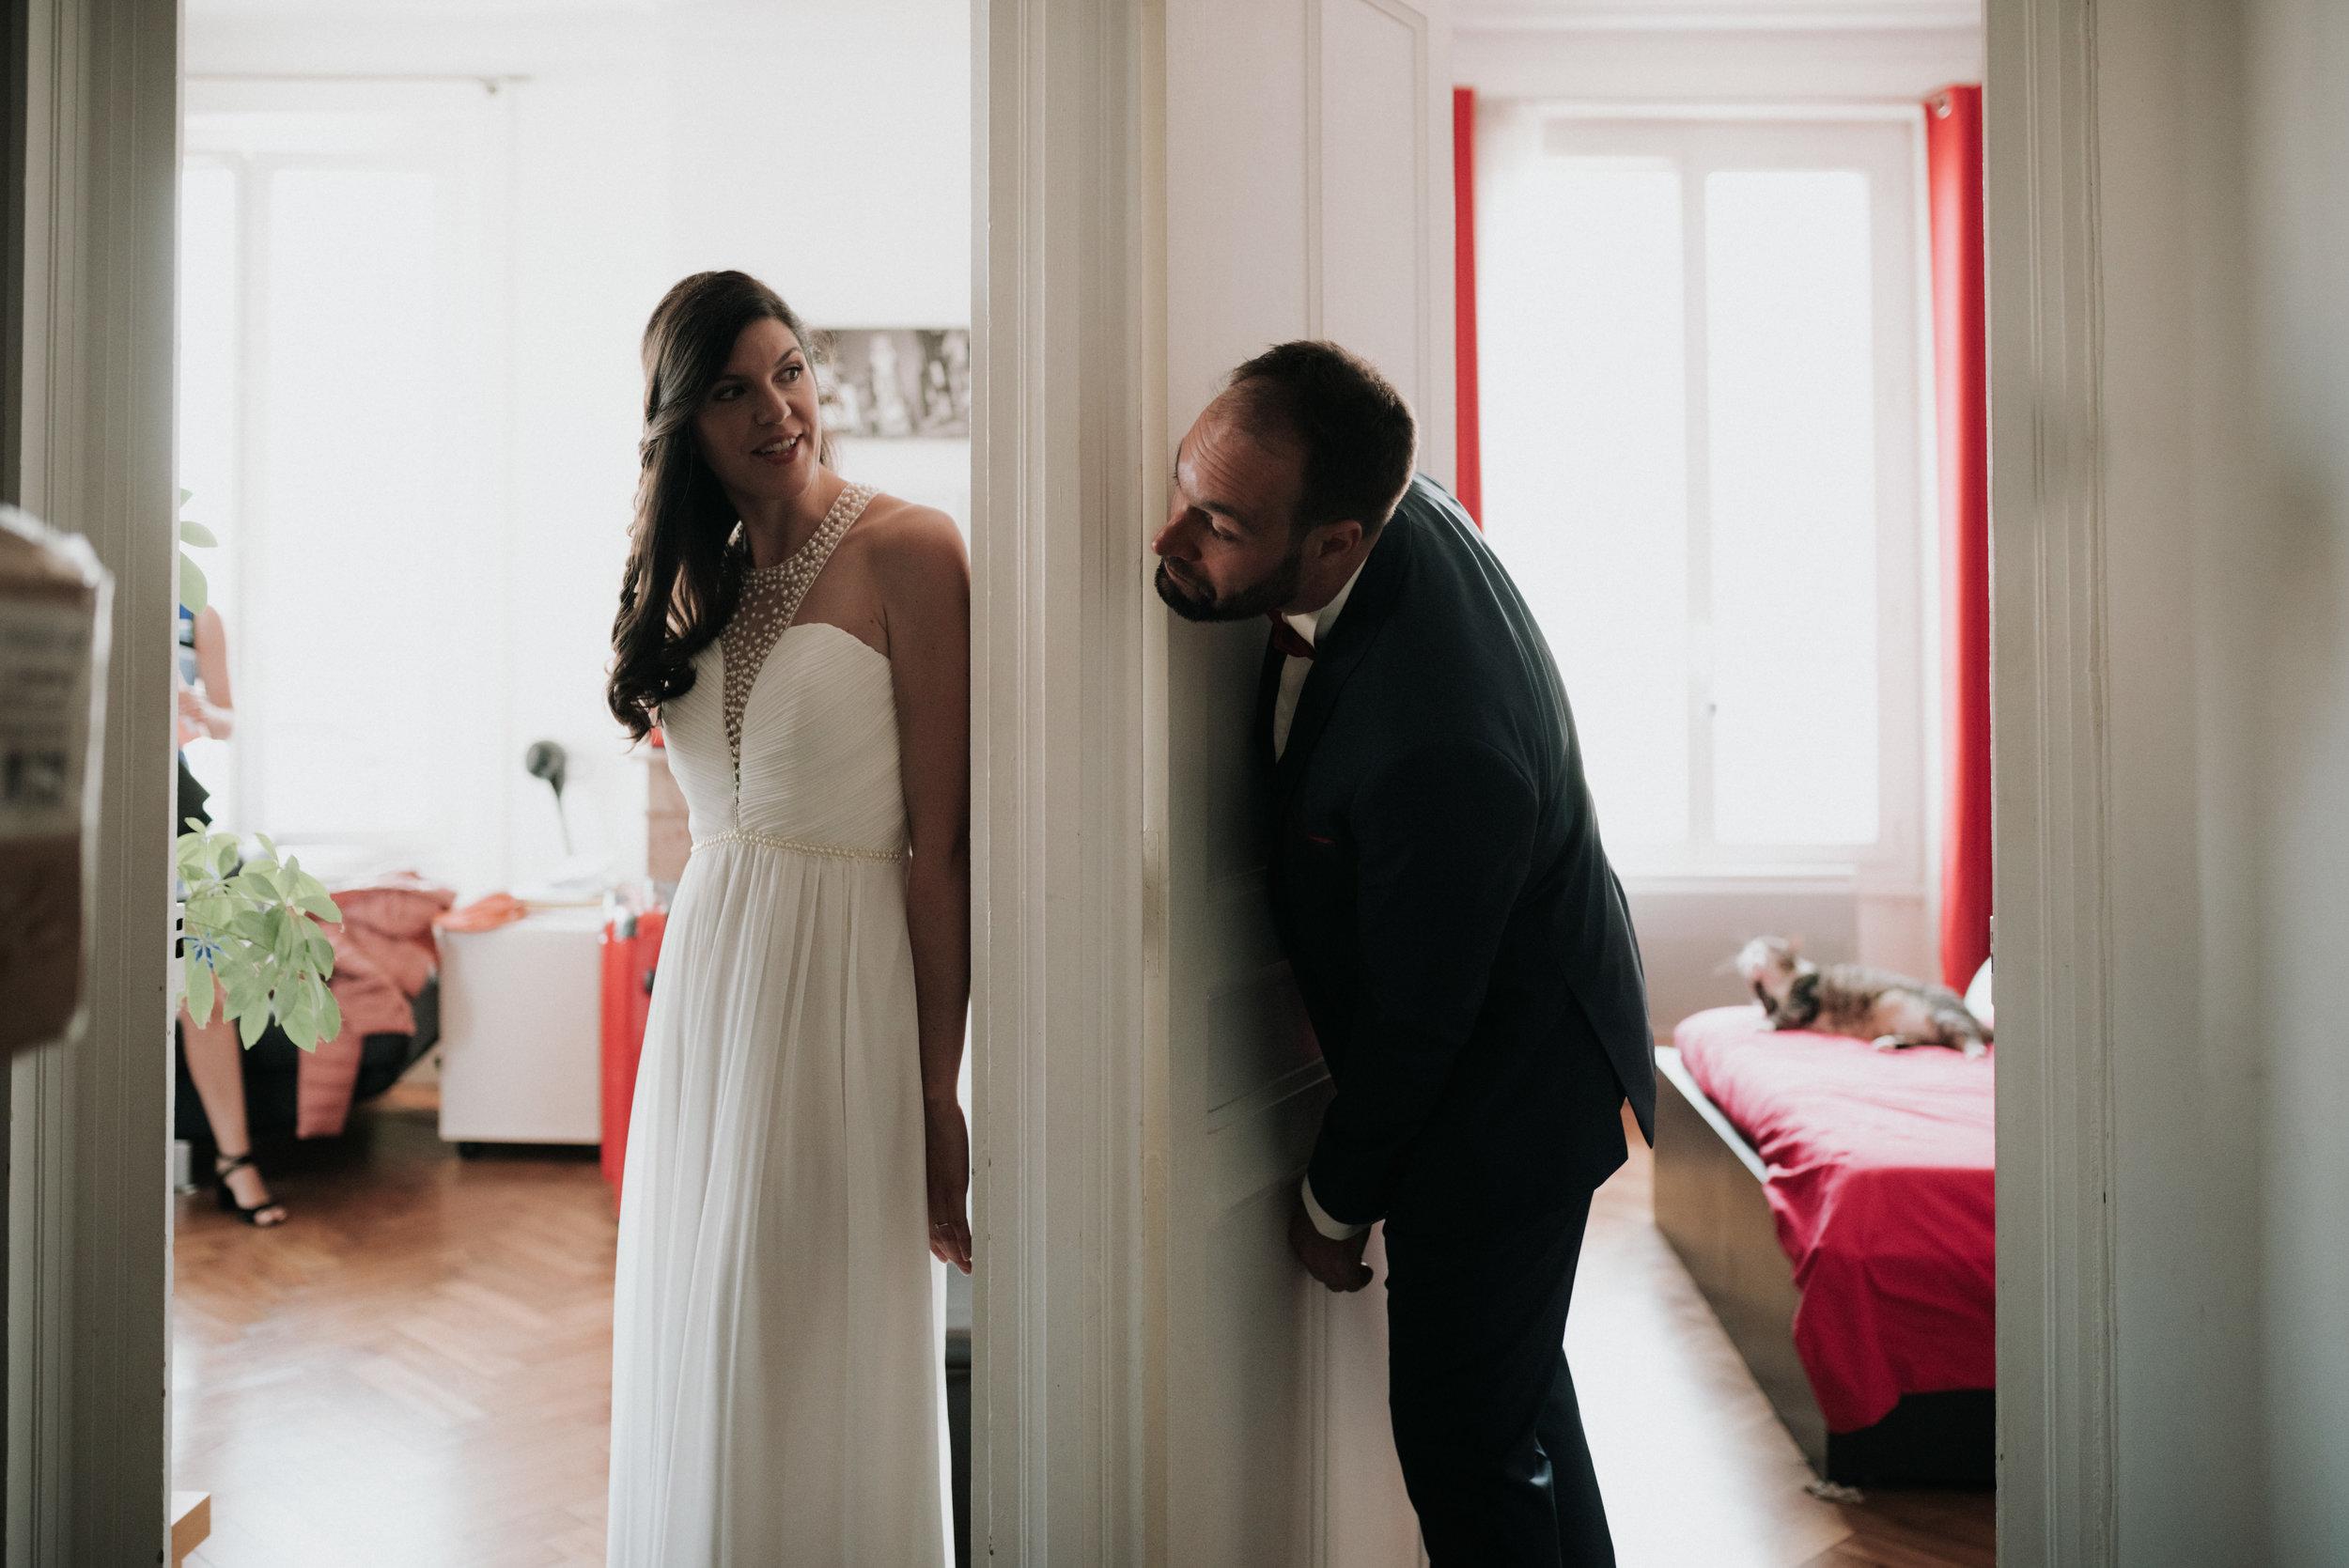 Léa-Fery-photographe-professionnel-lyon-rhone-alpes-portrait-creation-mariage-evenement-evenementiel-famille-7519.jpg